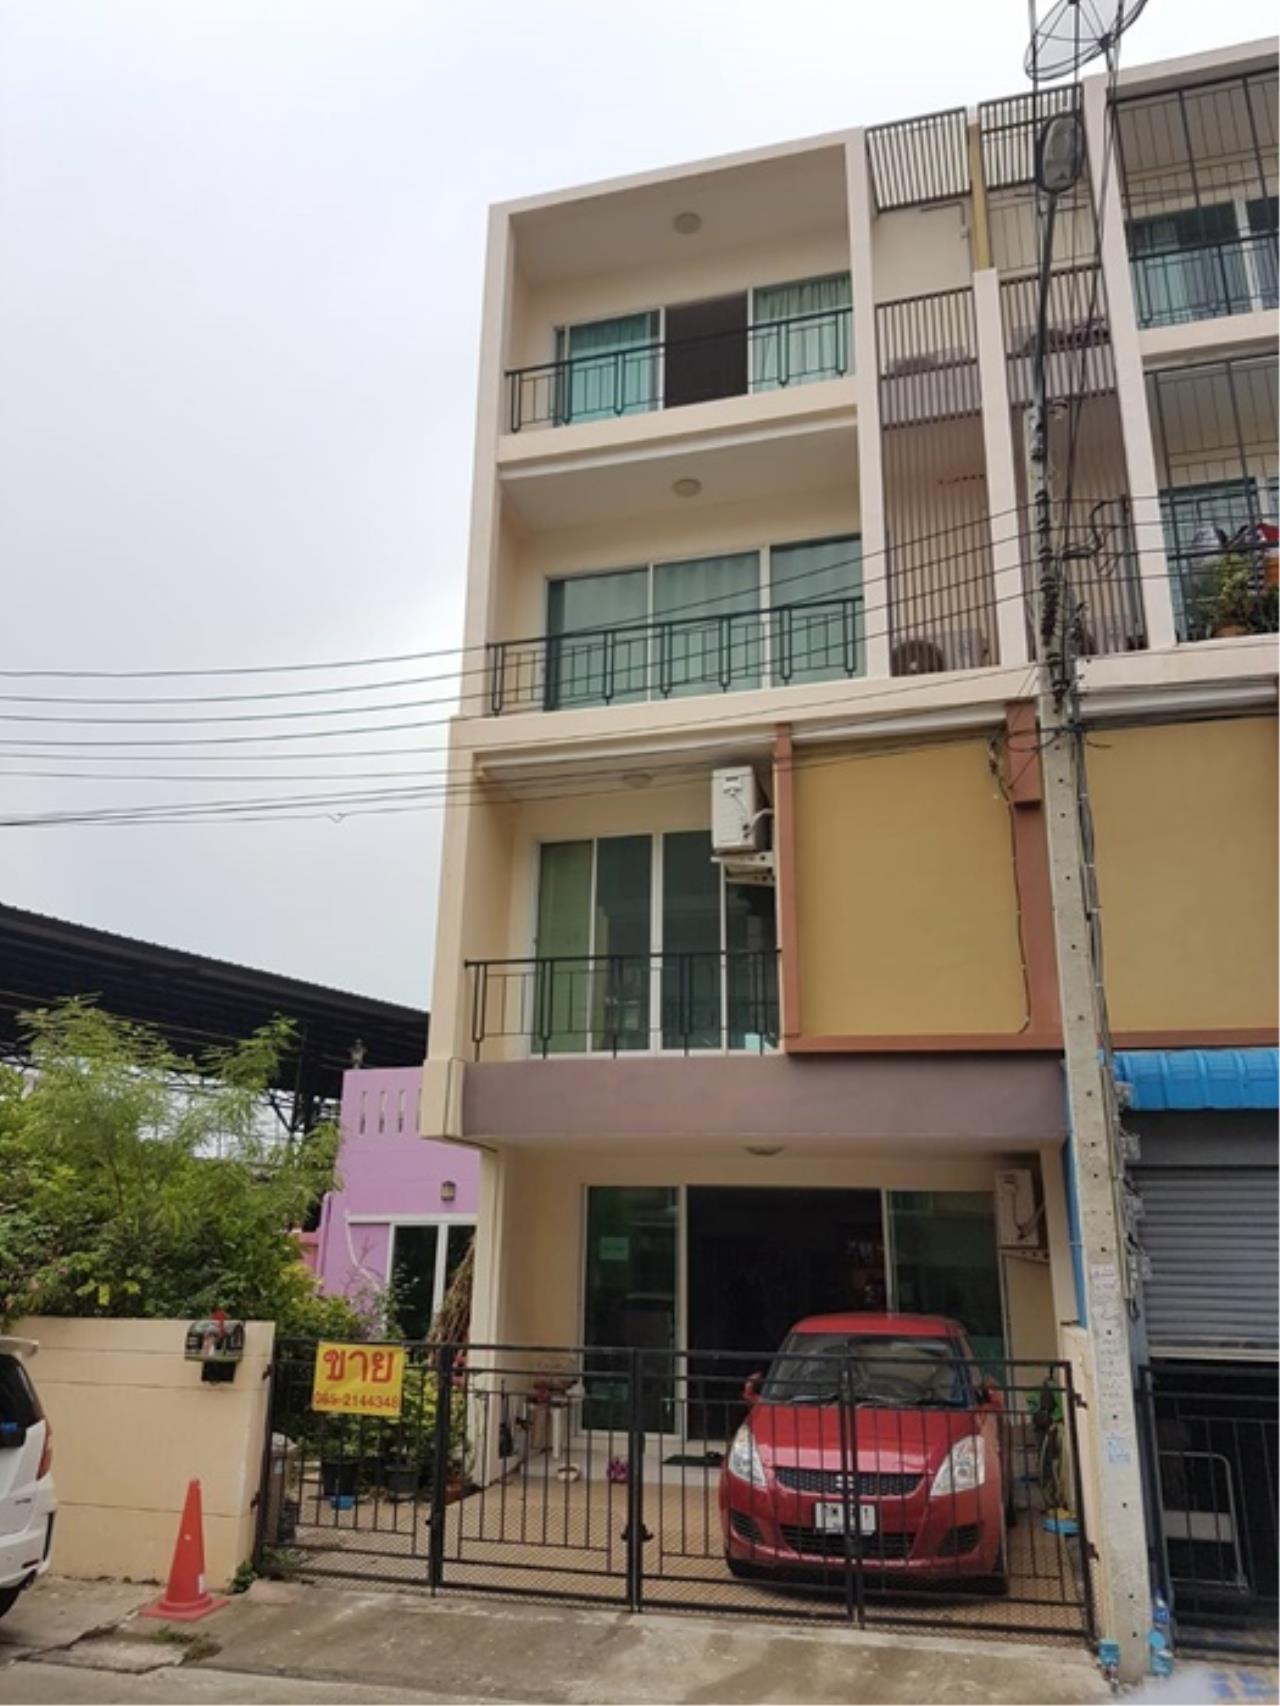 ขายบ้าน ประเวศ ประเวศ กรุงเทพมหานคร, ภาพที่ 1